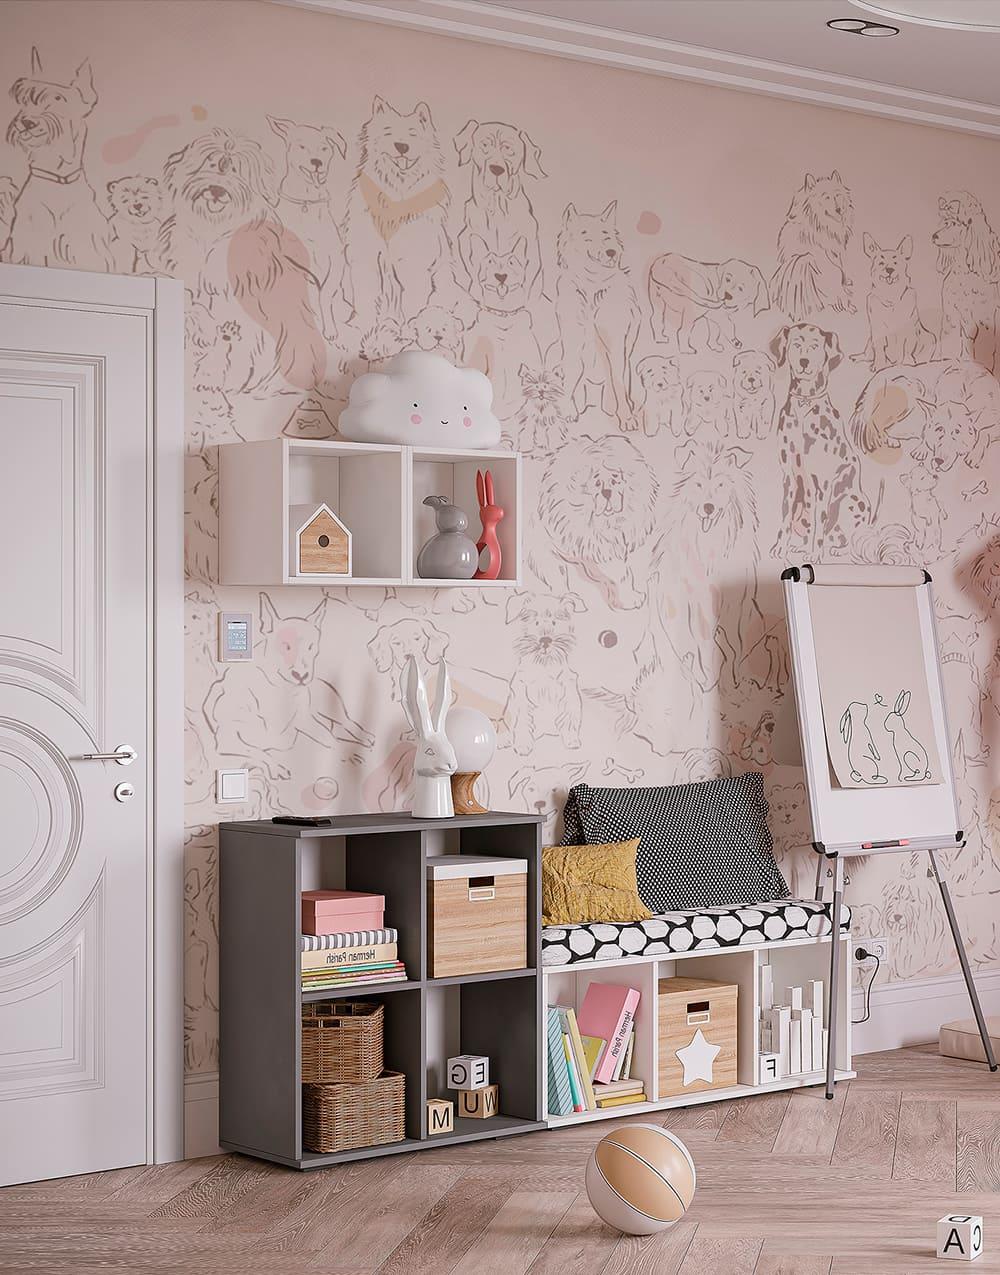 conception de la chambre des enfants photo 16